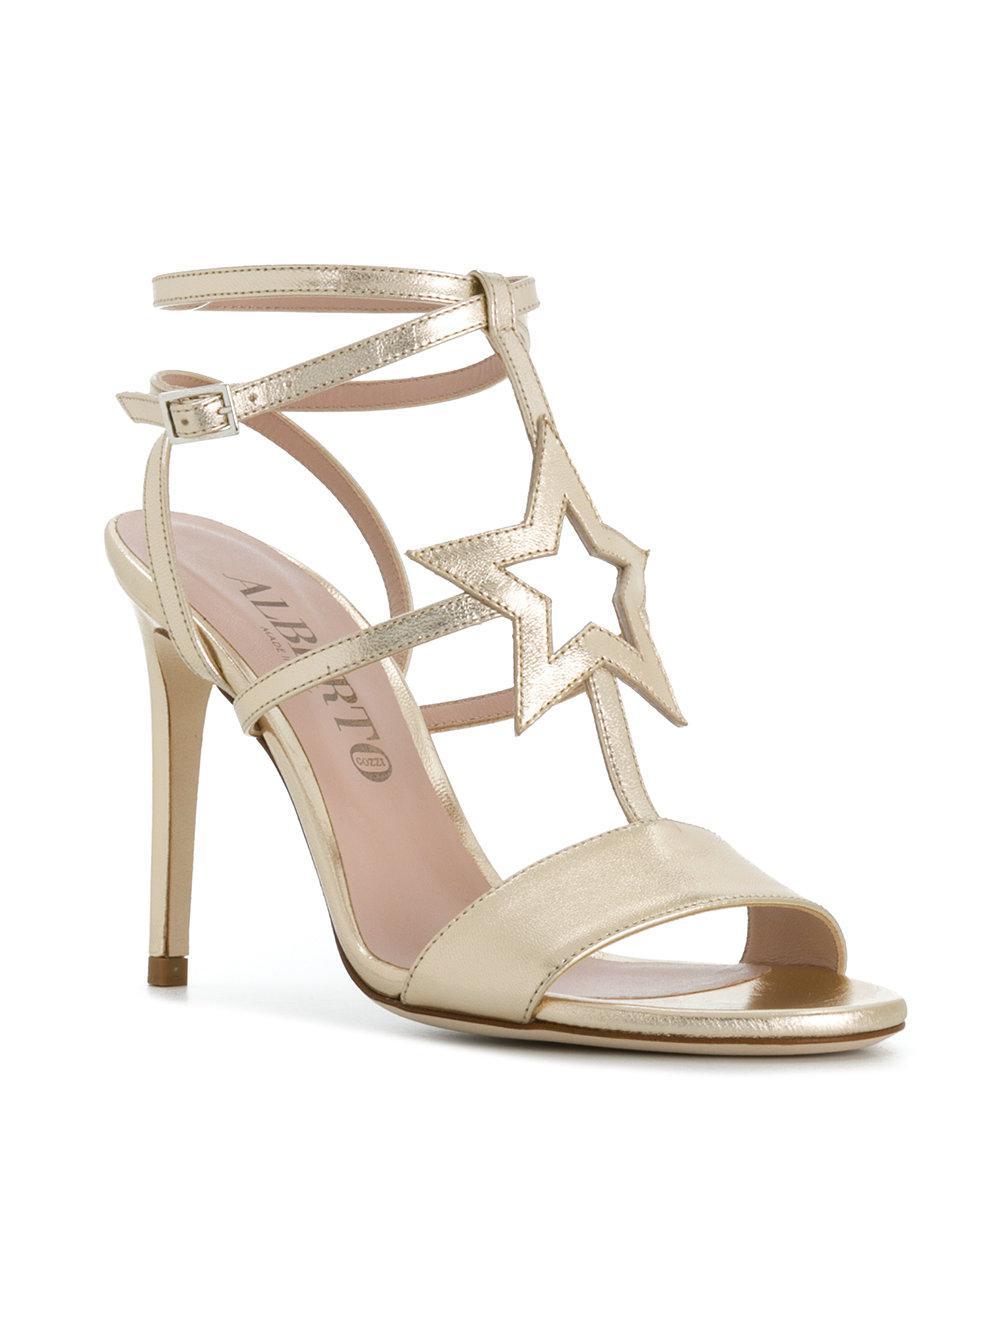 outlet best cheap footlocker finishline Alberto Gozzi star strappy sandals outlet nicekicks best sale cheap online FYomy0V